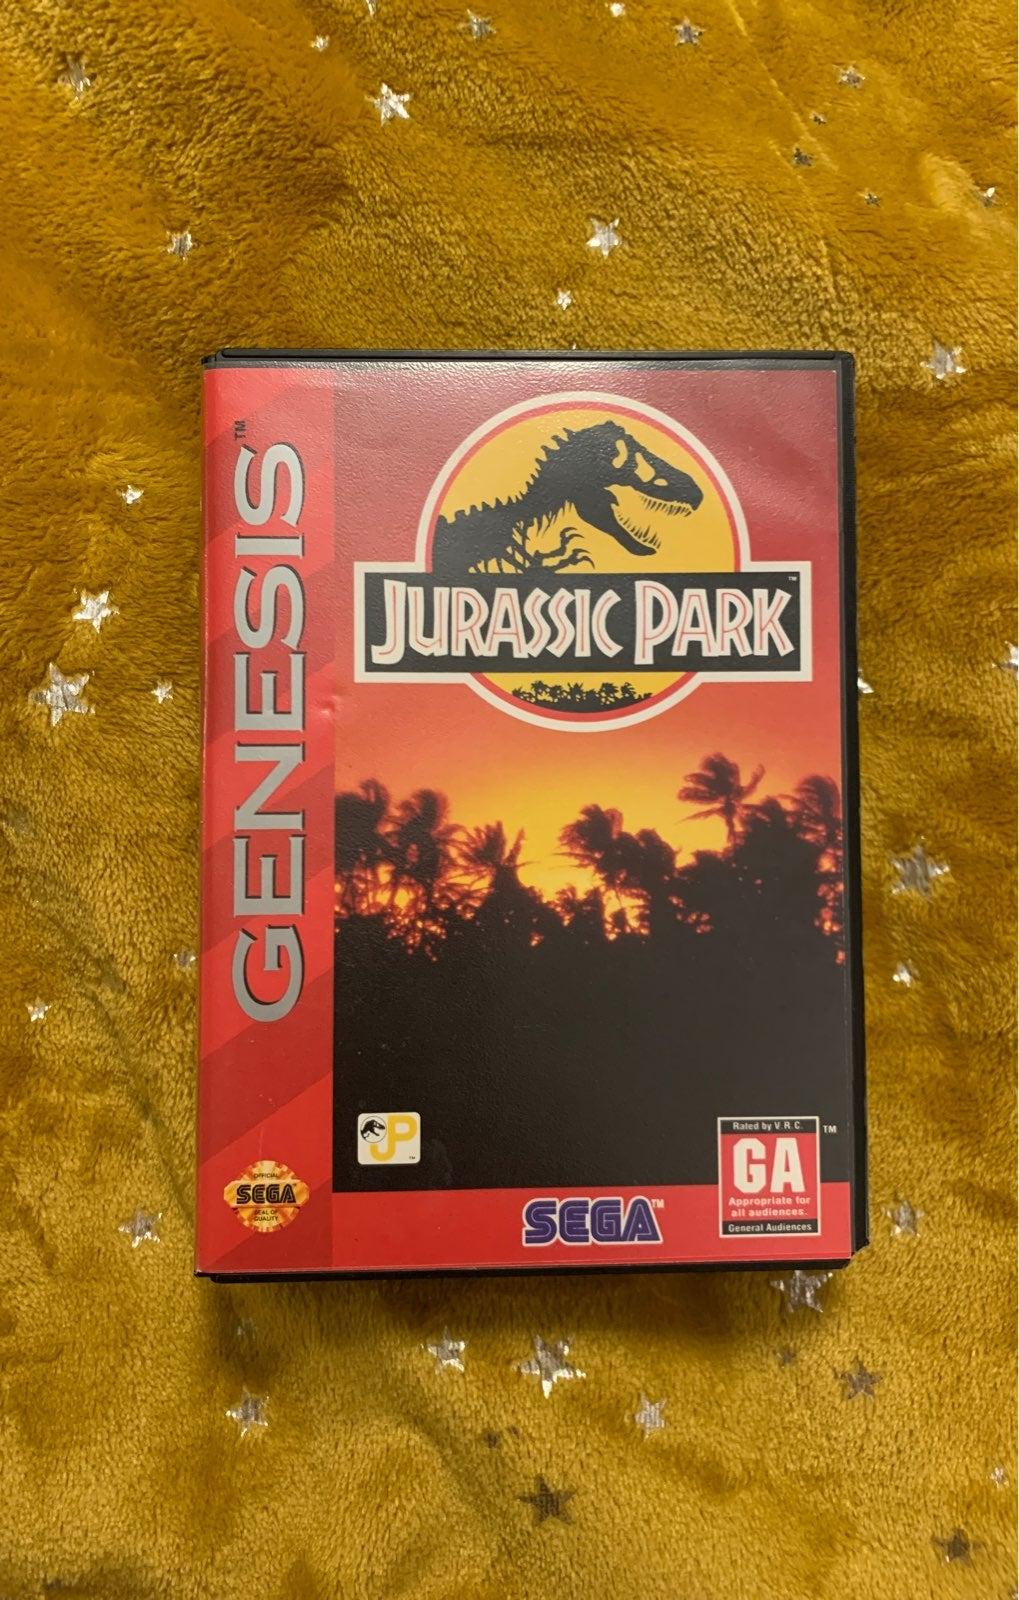 Sega genesis Jurassic Park